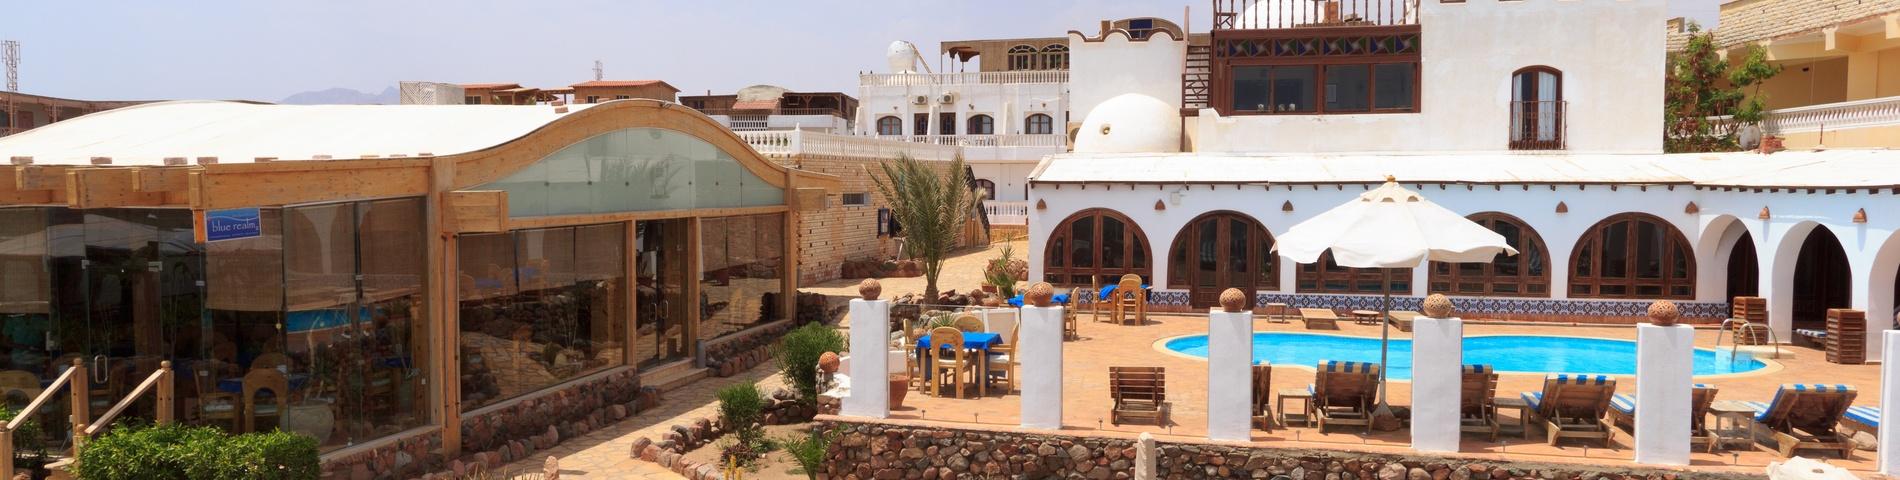 1 фотографий Blue Beach Club School Of Arabic Language